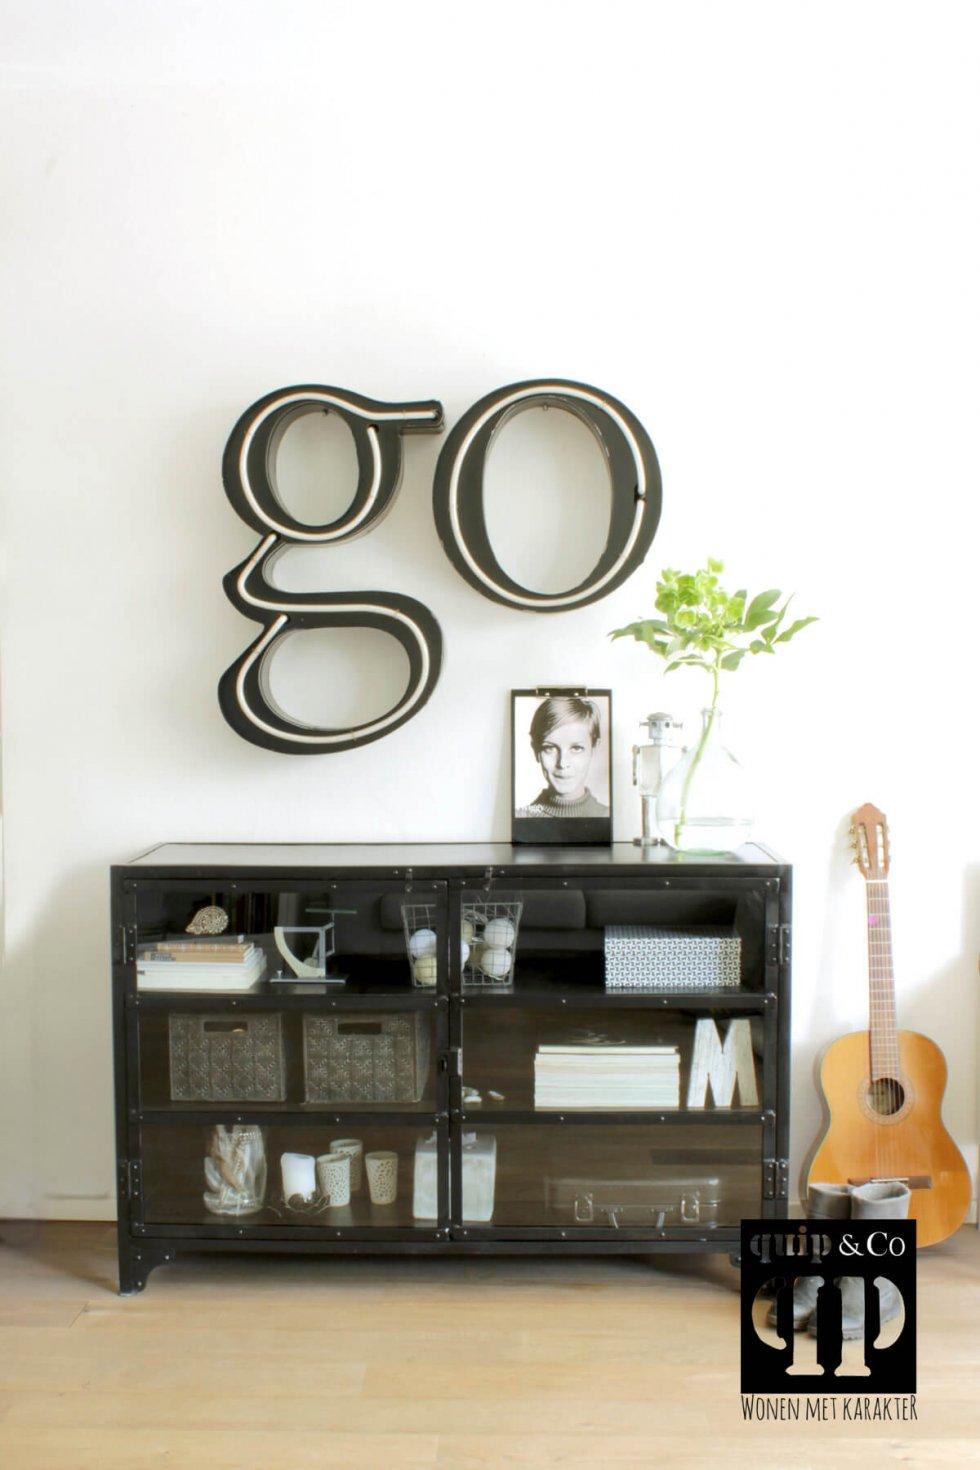 K031 Lage vitrinekast met glazen deurtjes en vintage industriële look van quip&Co